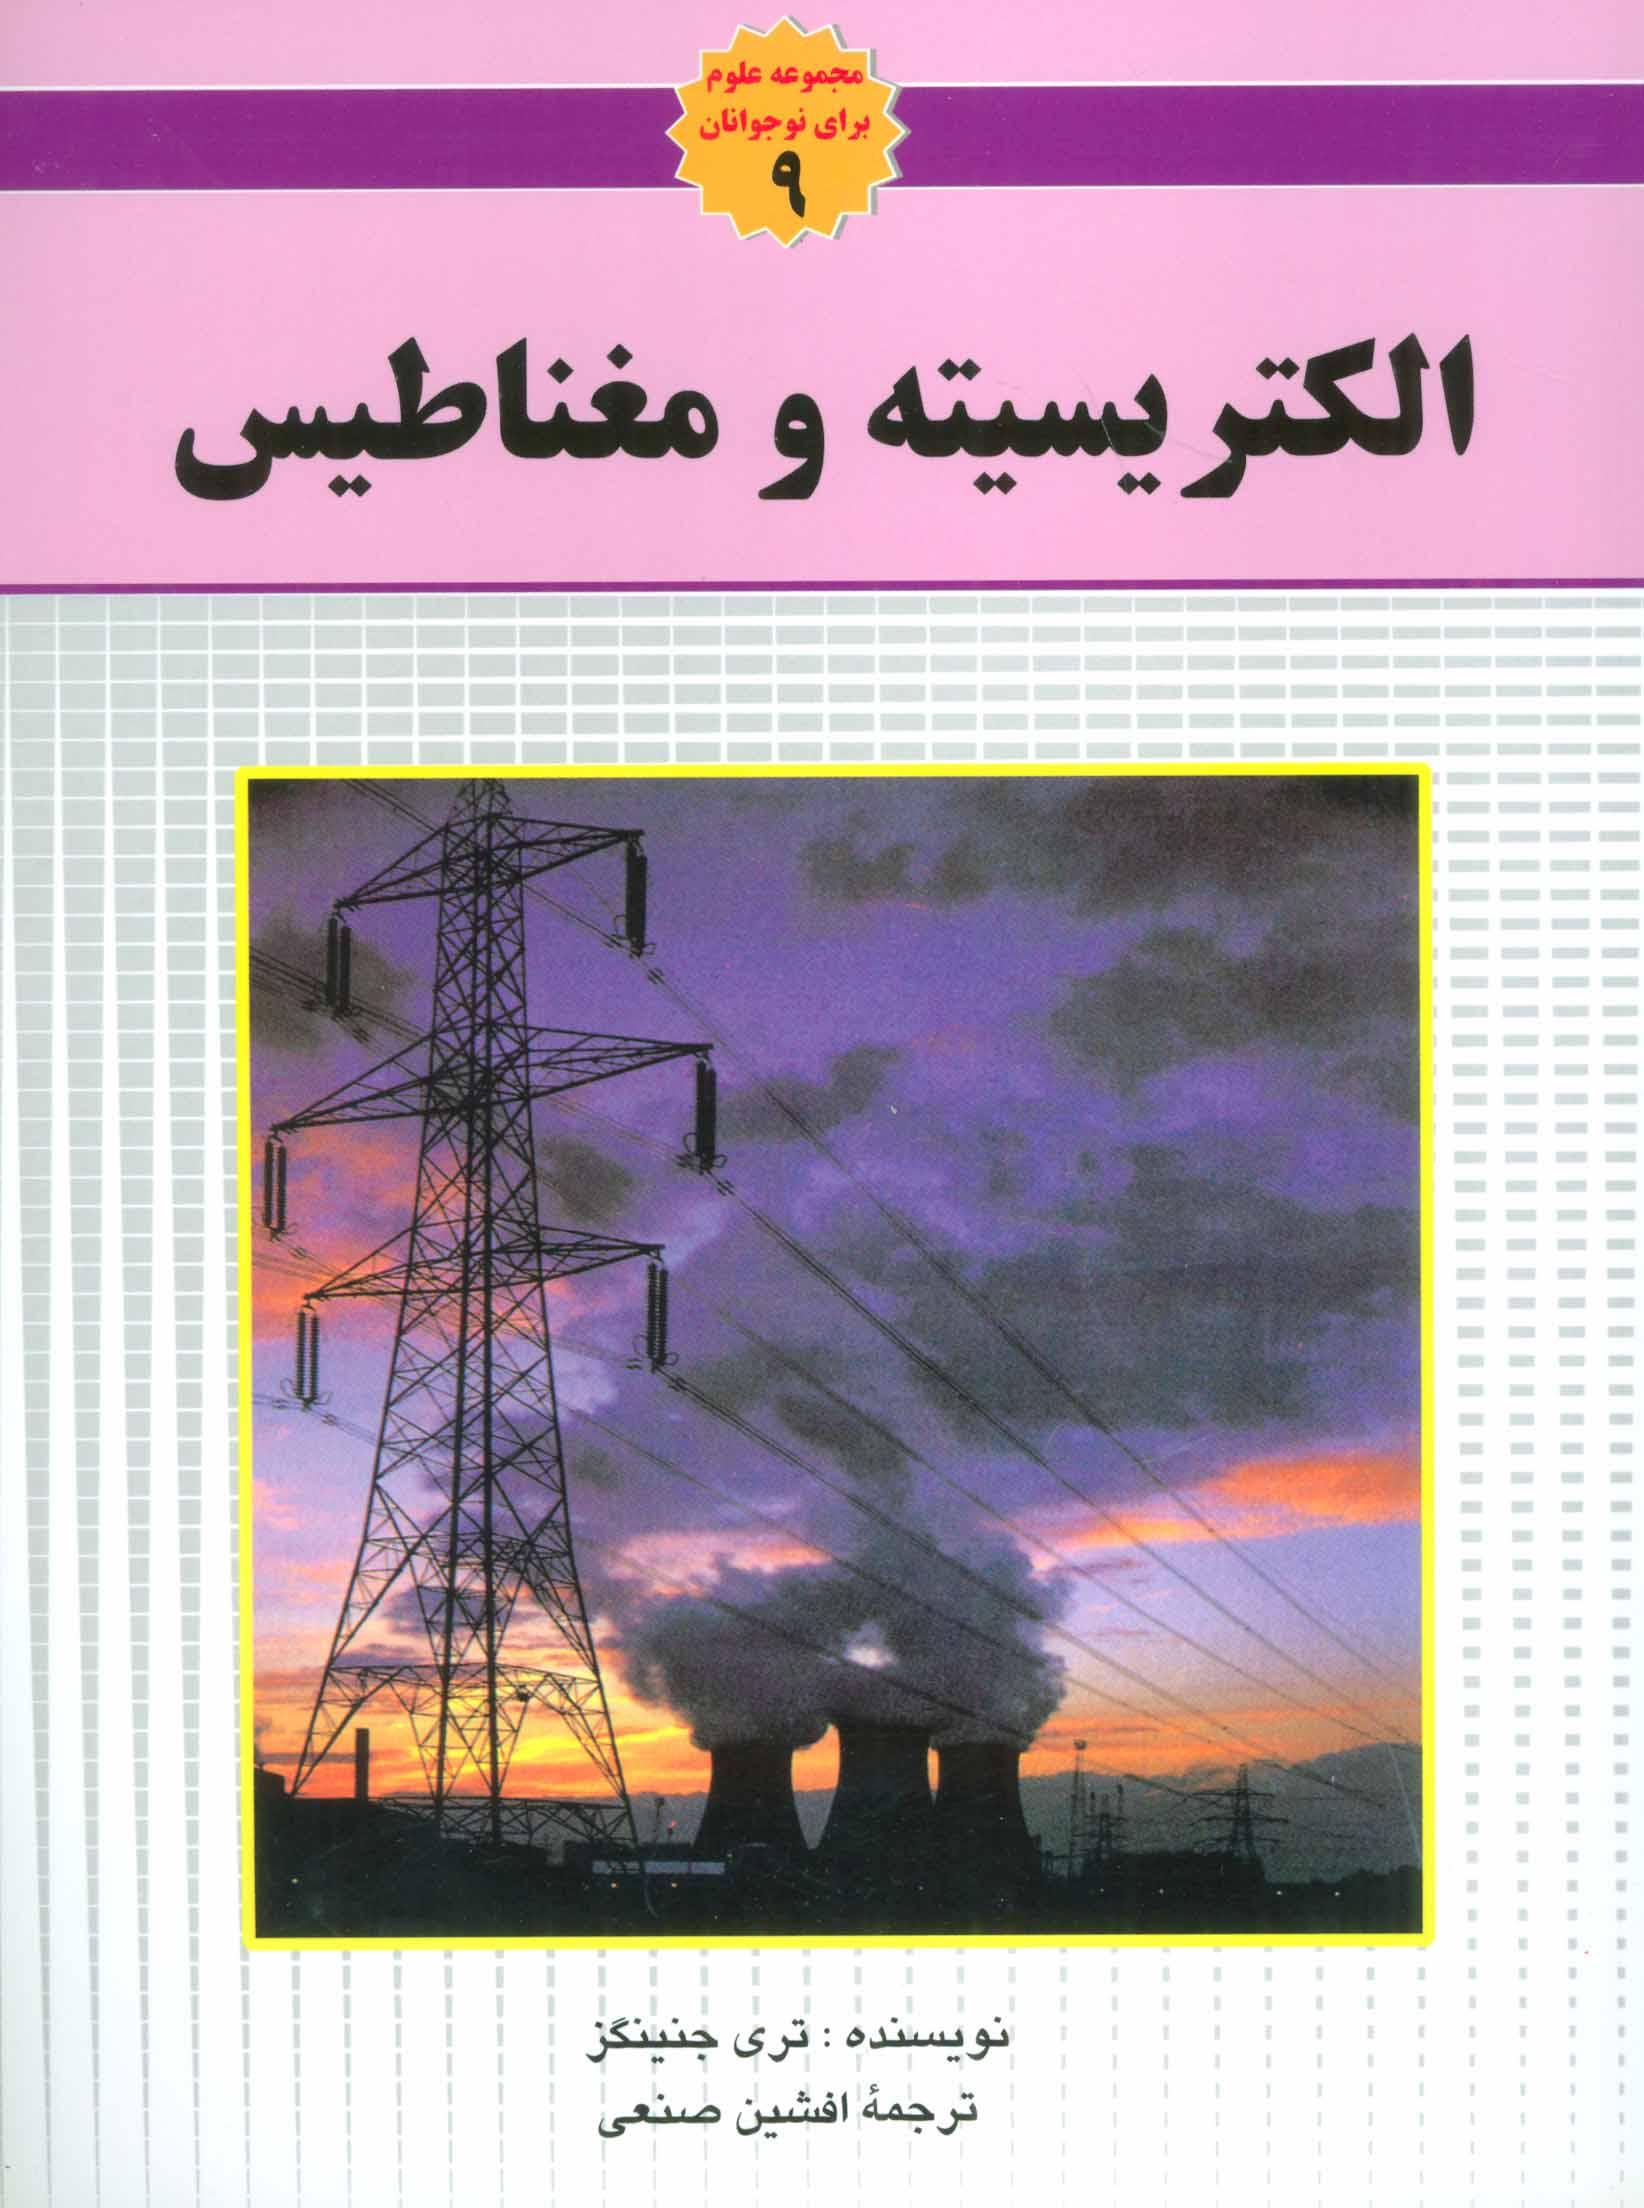 الکتریسیته و مغناطیس (مجموعه علوم برای نوجوانان 9)،(گلاسه)